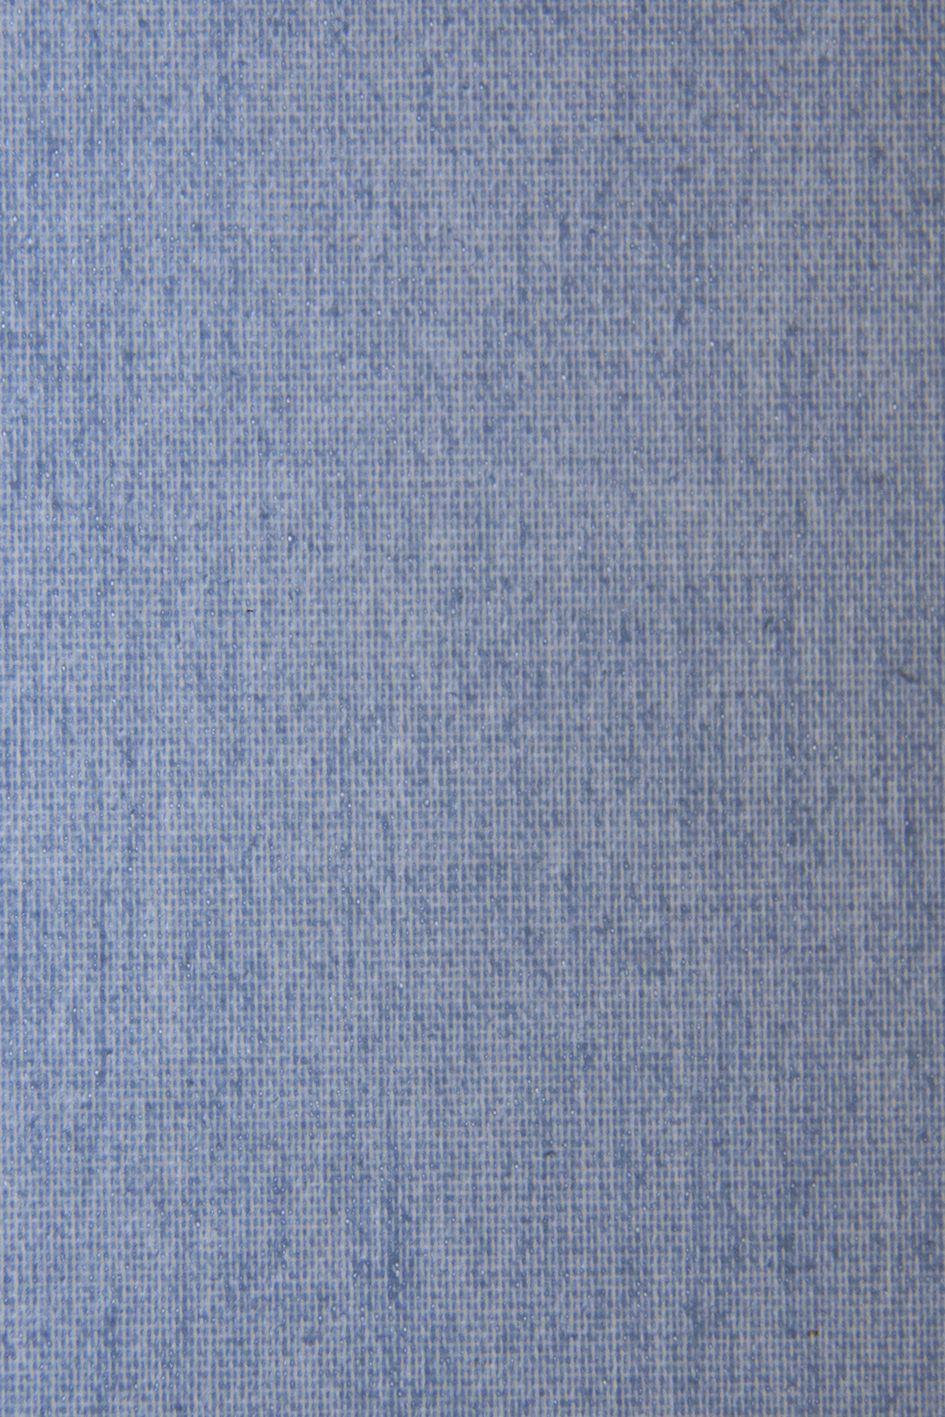 Tejido Traslucido Azul. Tejidos para estores enrollables, panel ...